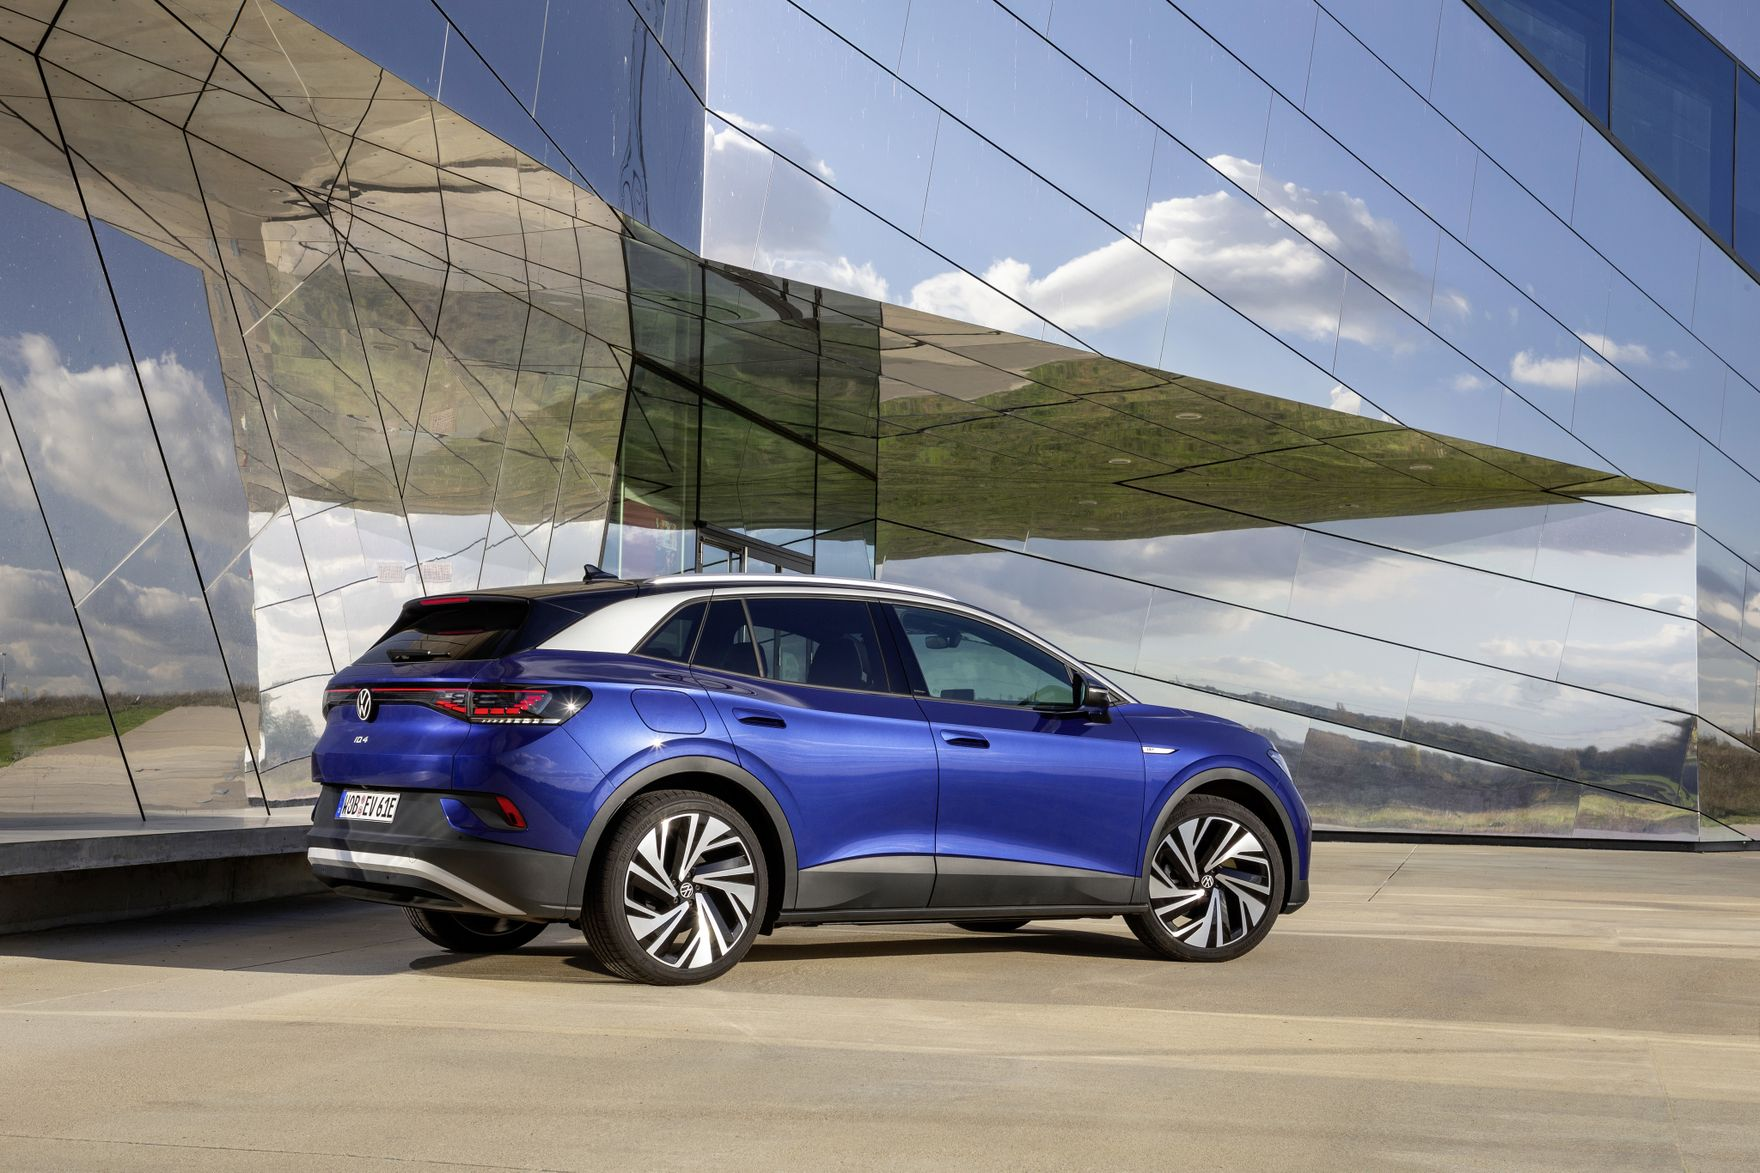 Rodzinny, praktyczny, elektryczny. Nowy Volkswagen ID.4 imponuje możliwościami